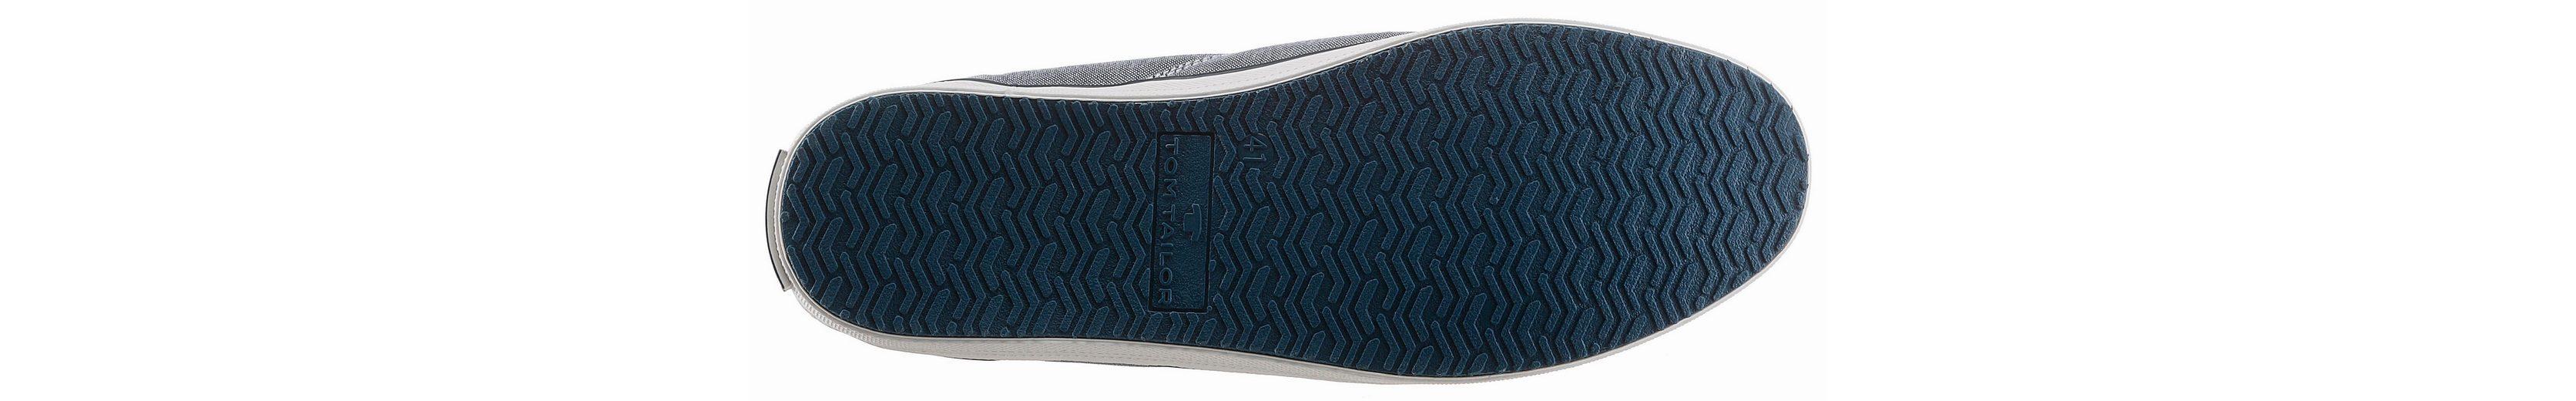 Footlocker Bilder Tom Tailor Sneaker Verkauf 2018 Neueste Günstig Kaufen Original Qualitativ Hochwertige Online-Verkauf Original Günstiger Preis S8urMRohRr